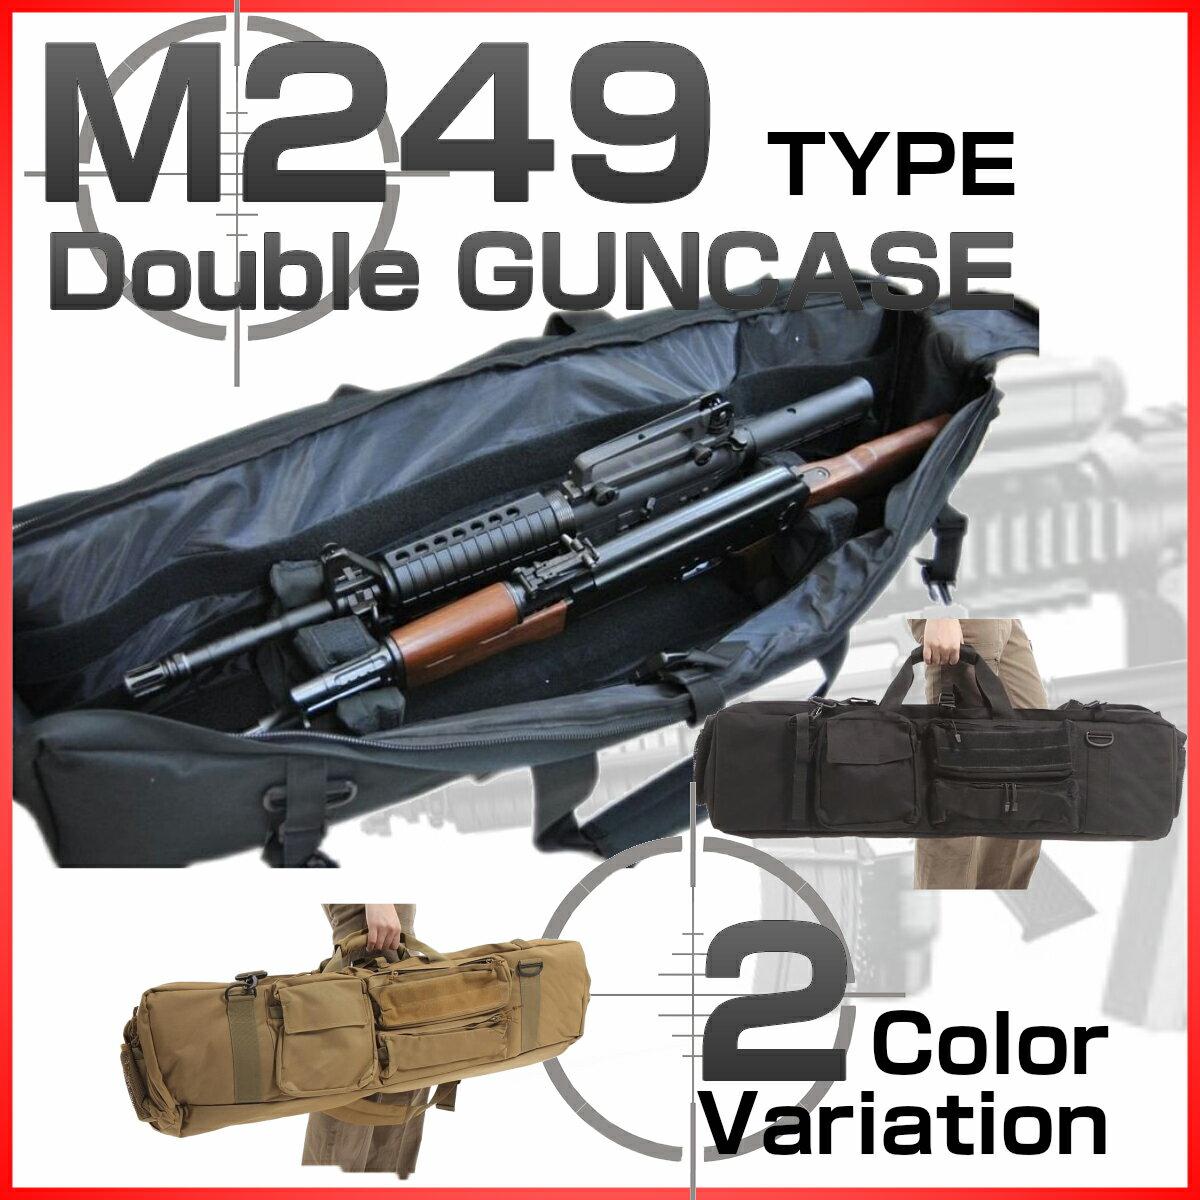 2丁 ガンケース ダブル 100cm M249 タイプ ライフルケース ライフル ケース ダブル ライフルバッグ エアガン ケース m4 ak ケース 2本 サバゲー バッグ サバイバルゲーム 電動ガン カバン バッグ